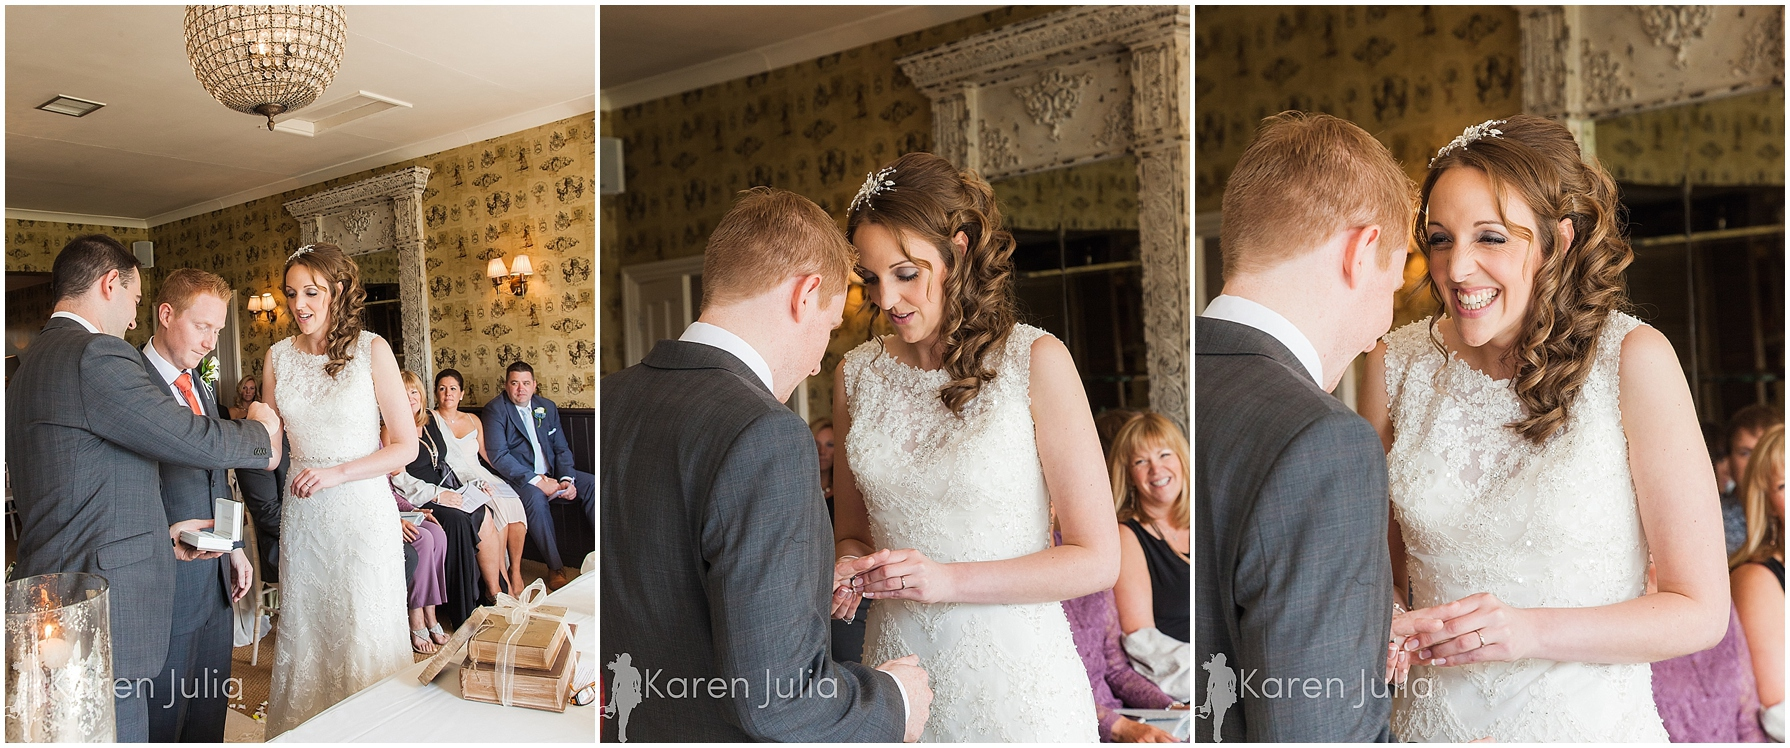 Shireburn-Arms-Wedding-Photography-22